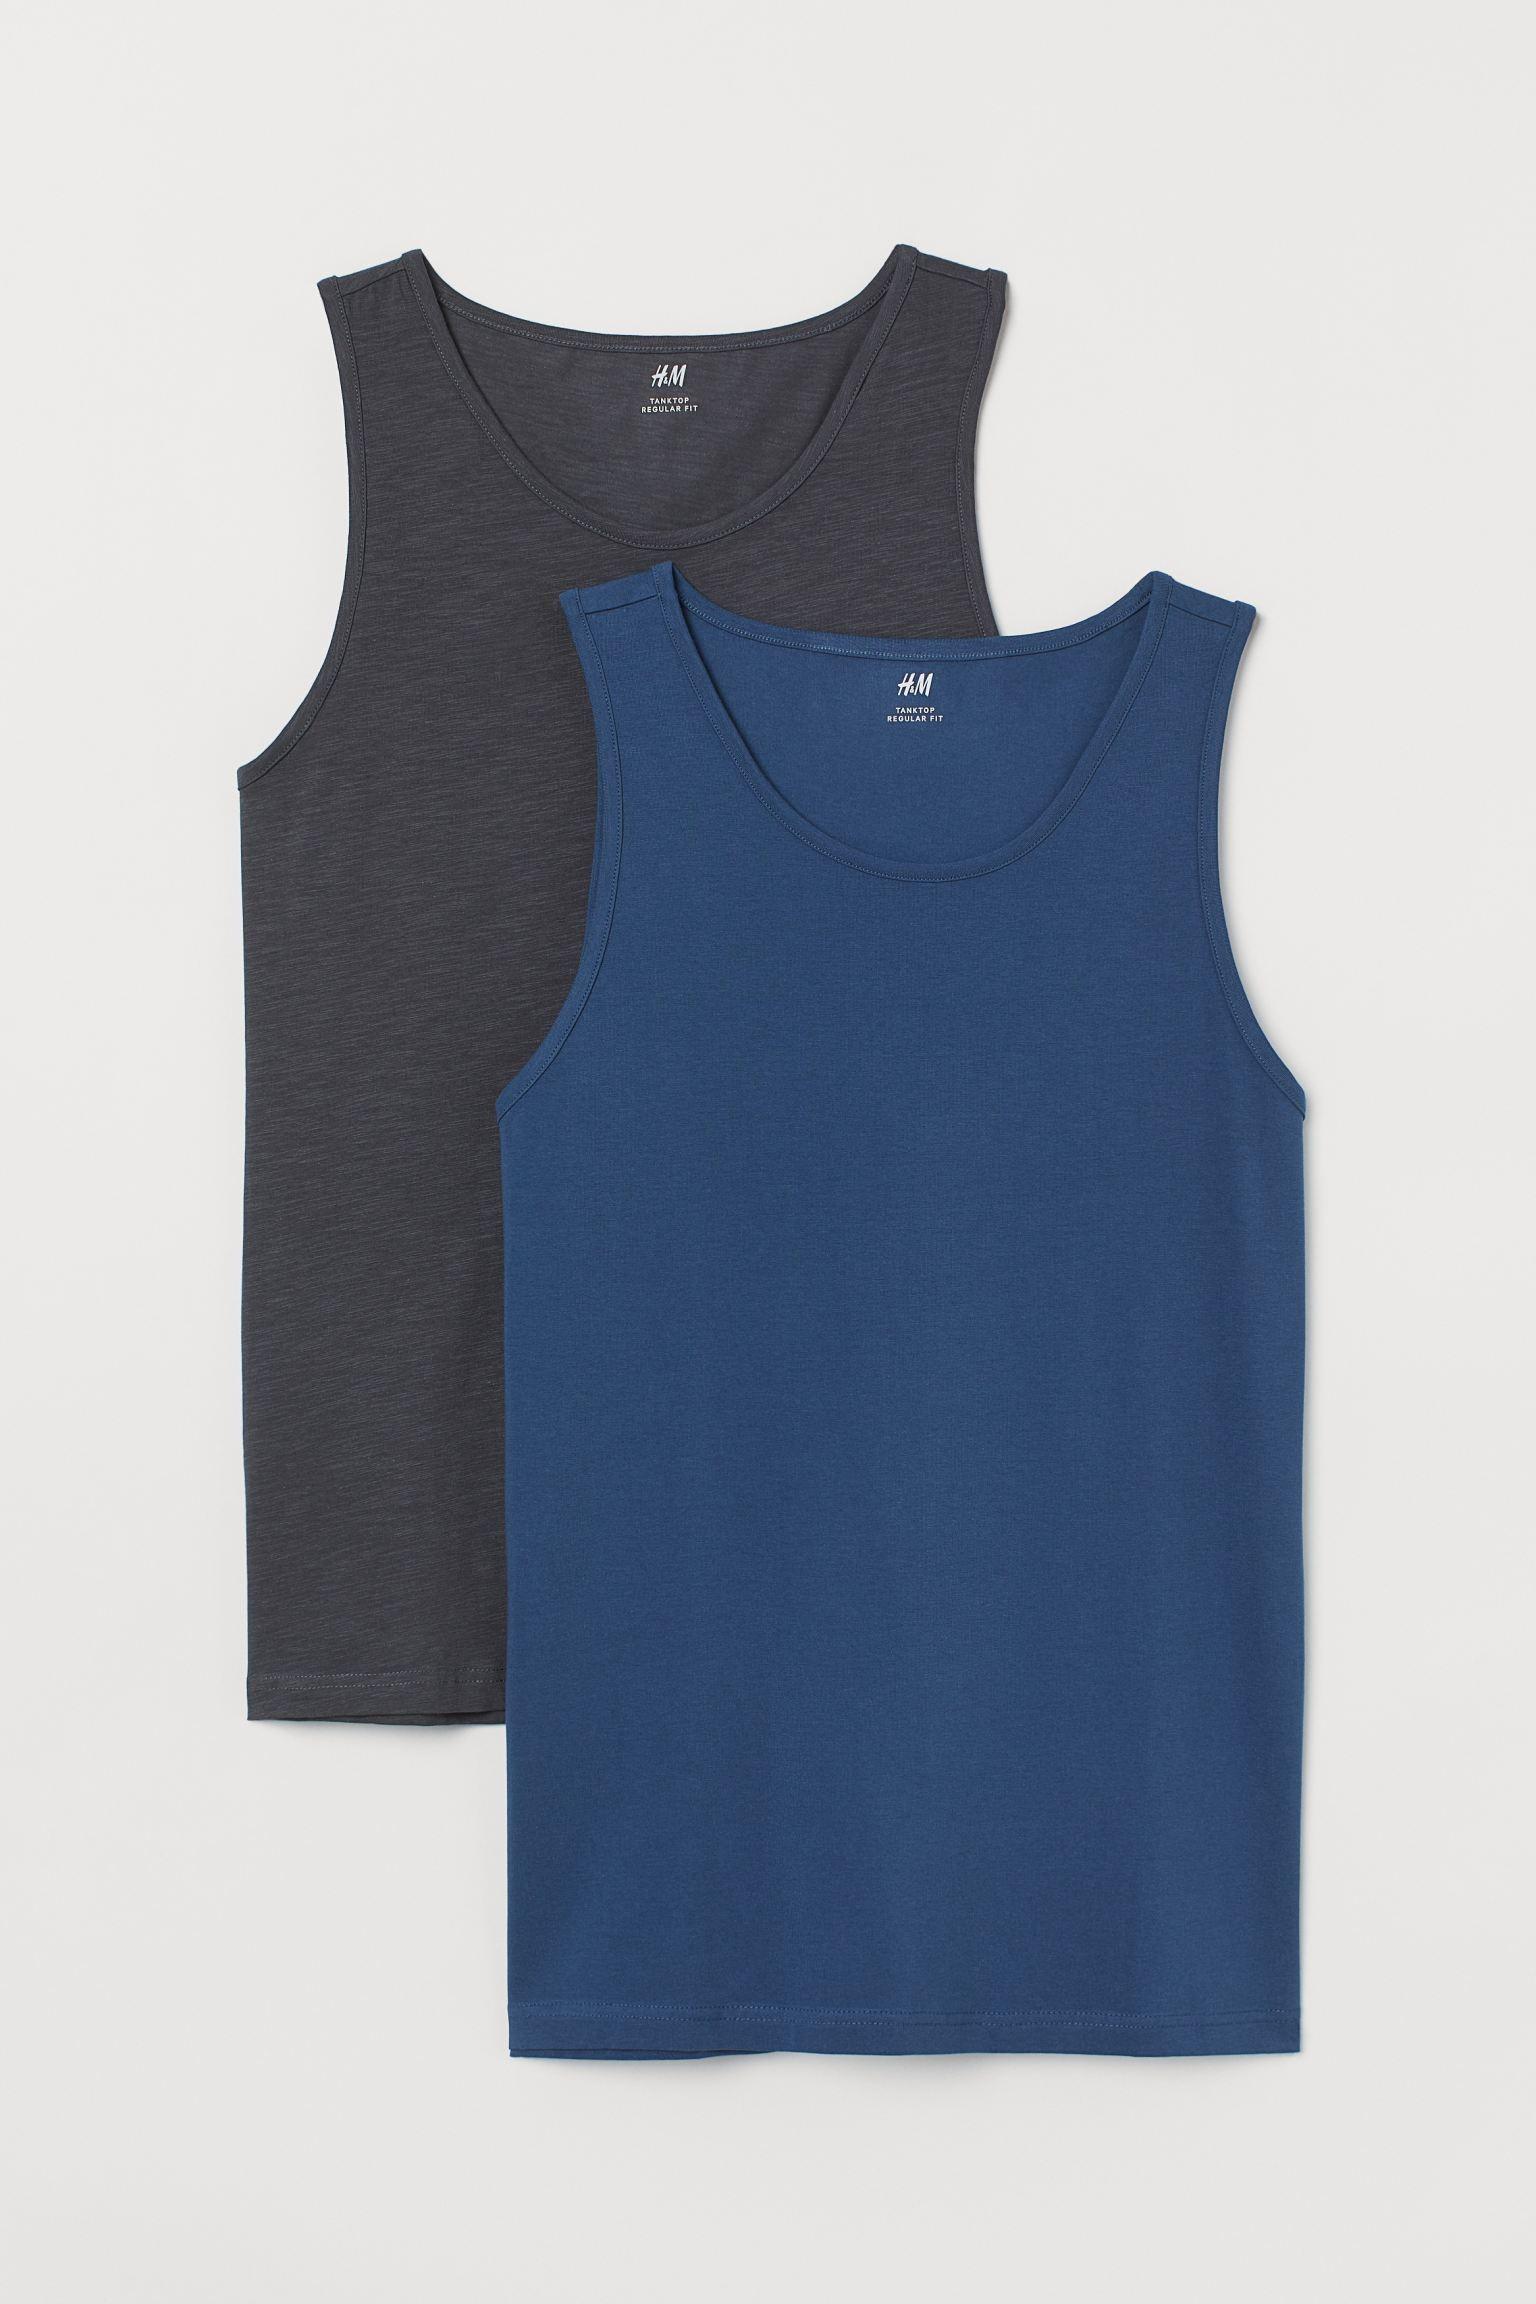 H&M 2-Pack Regular Fit Tank Tops